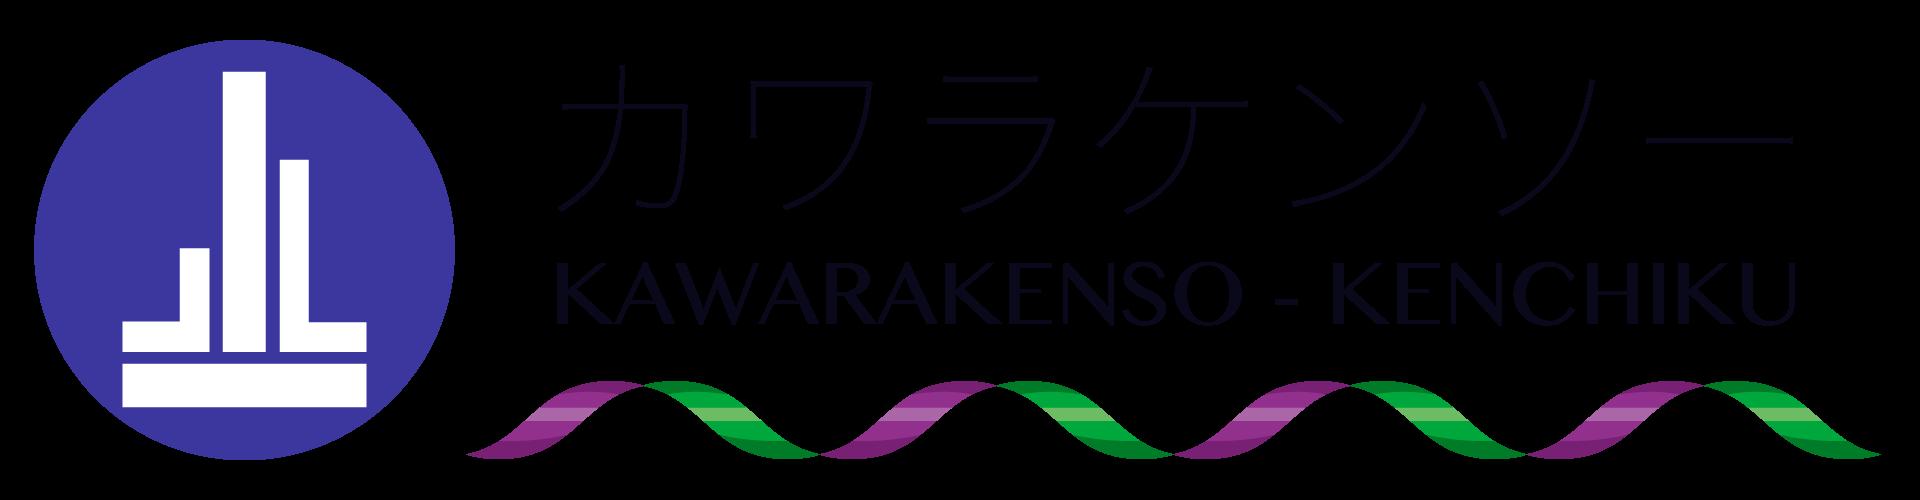 株式会社カワラケンソーのロゴ